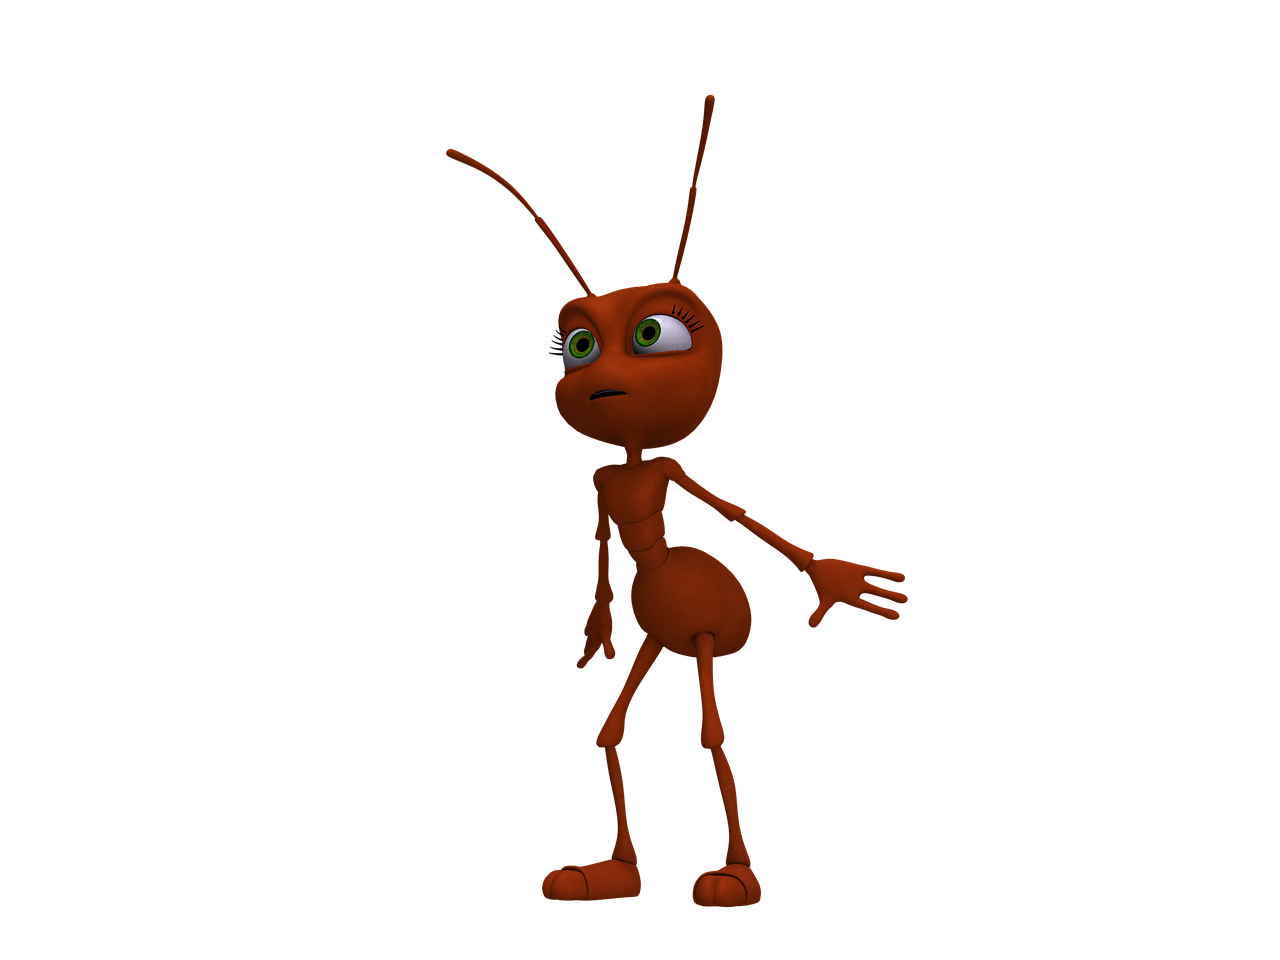 ריסוס נגד חרקים בבית